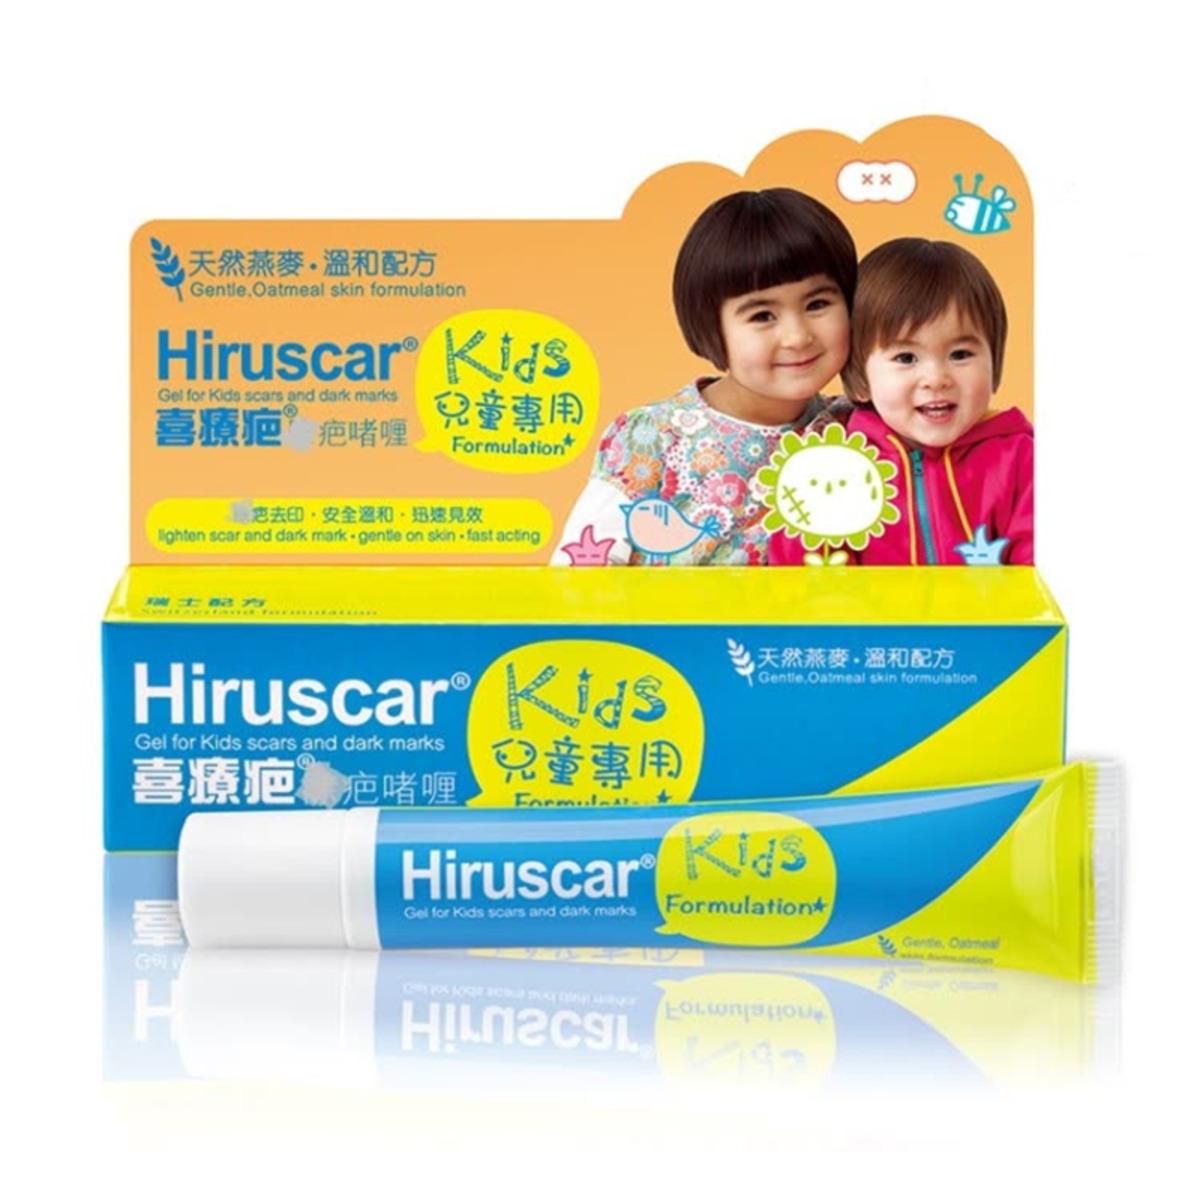 喜療妥 - Hiruscar kids 喜療疤除疤喱兒童專用20g